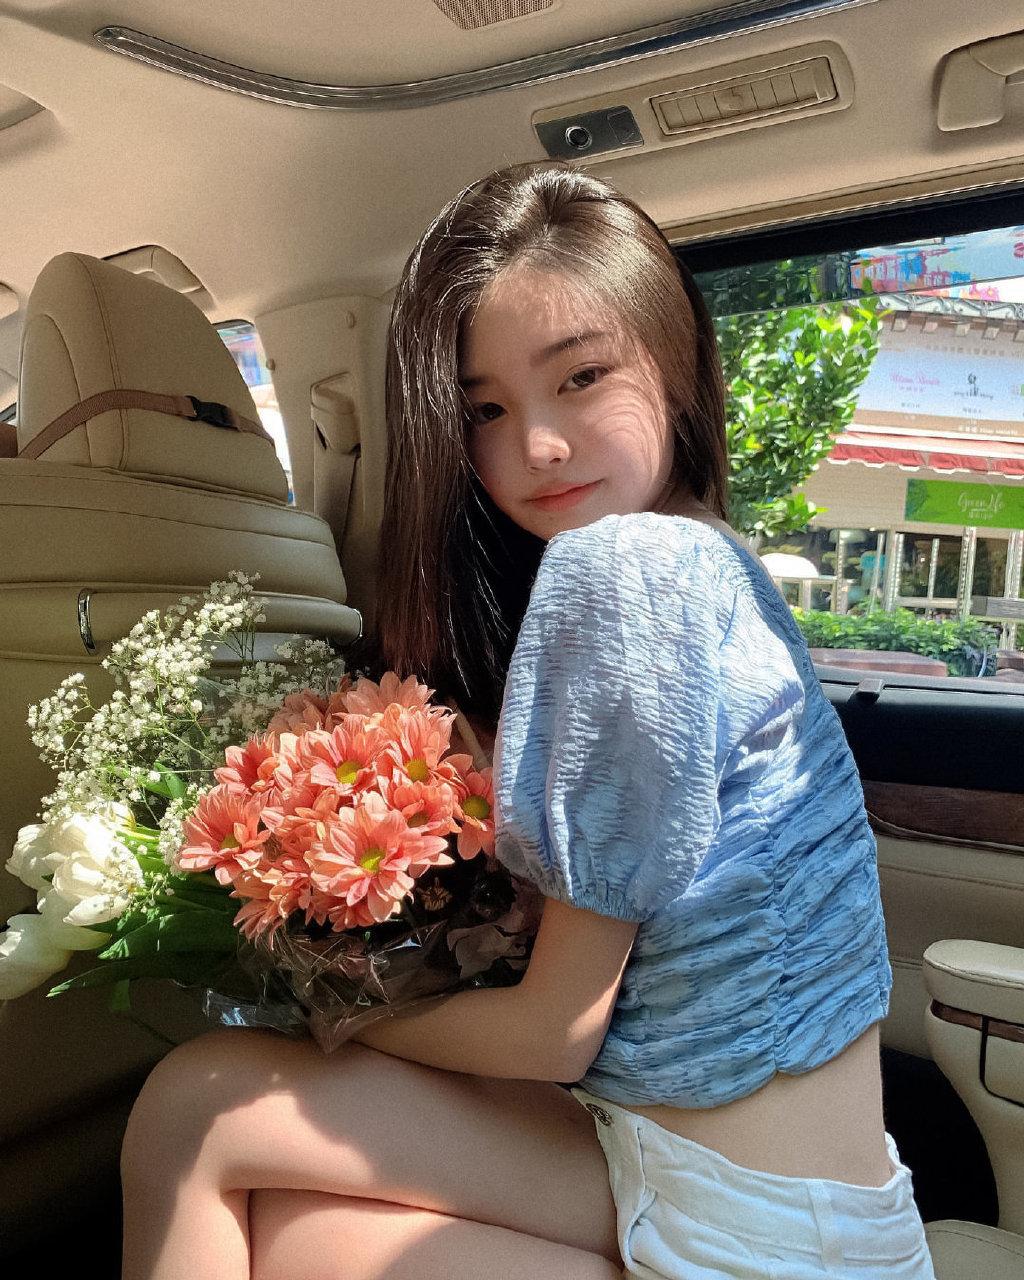 INS坐拥百万粉丝的迷你版Jennie,到底有多美?